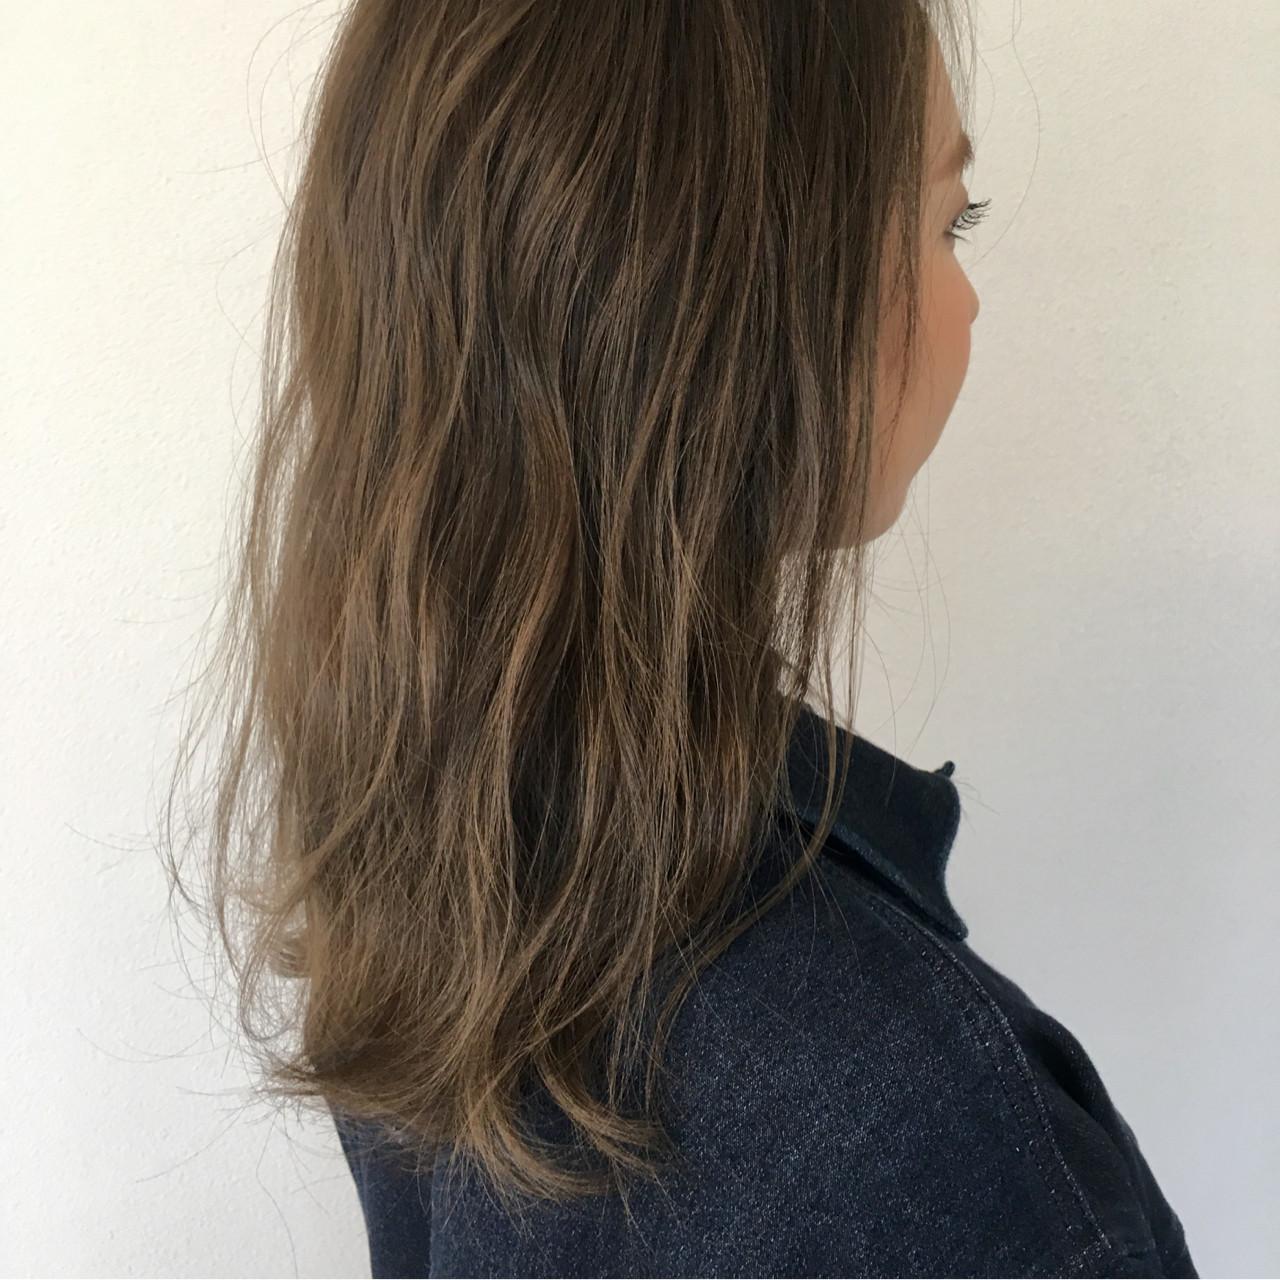 ナチュラル ハイライト 外国人風カラー アッシュ ヘアスタイルや髪型の写真・画像